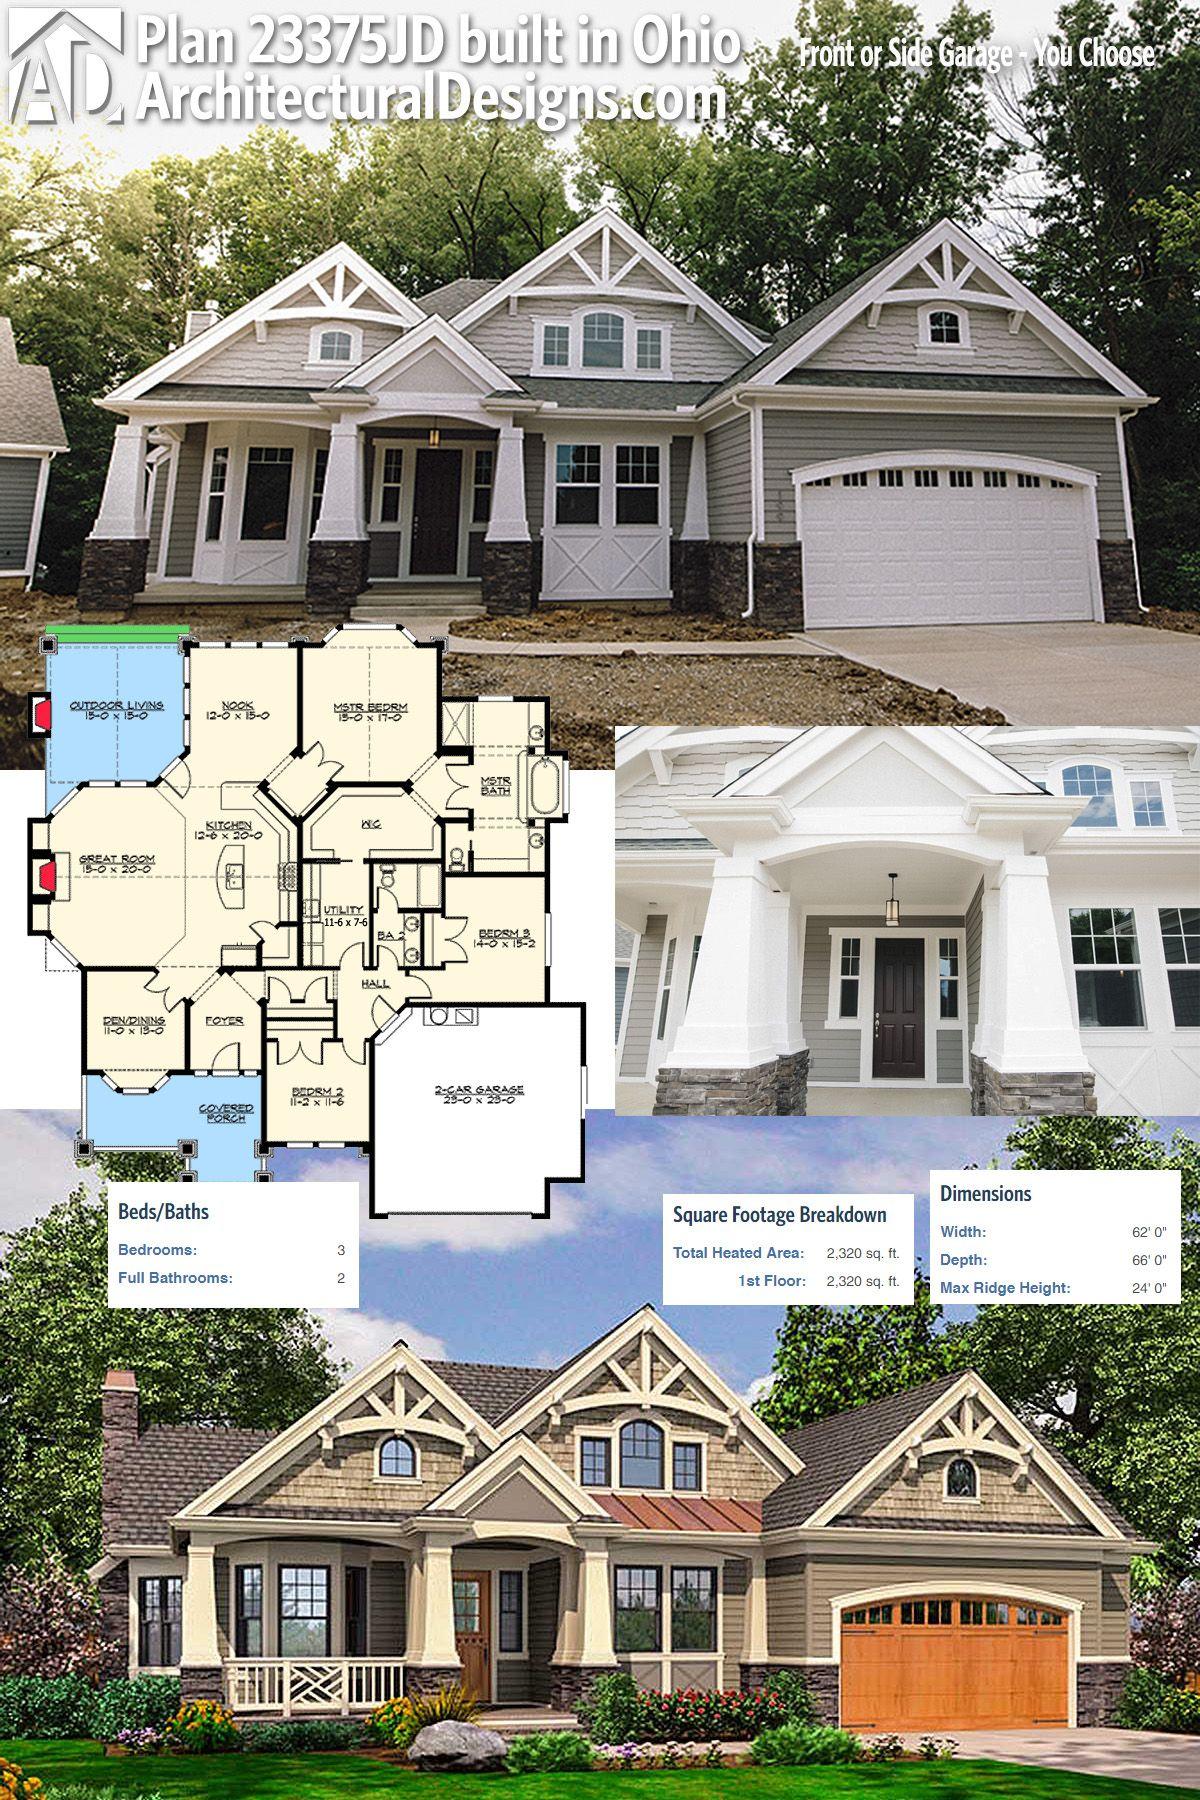 Plan 23375JD Front or Side Garage